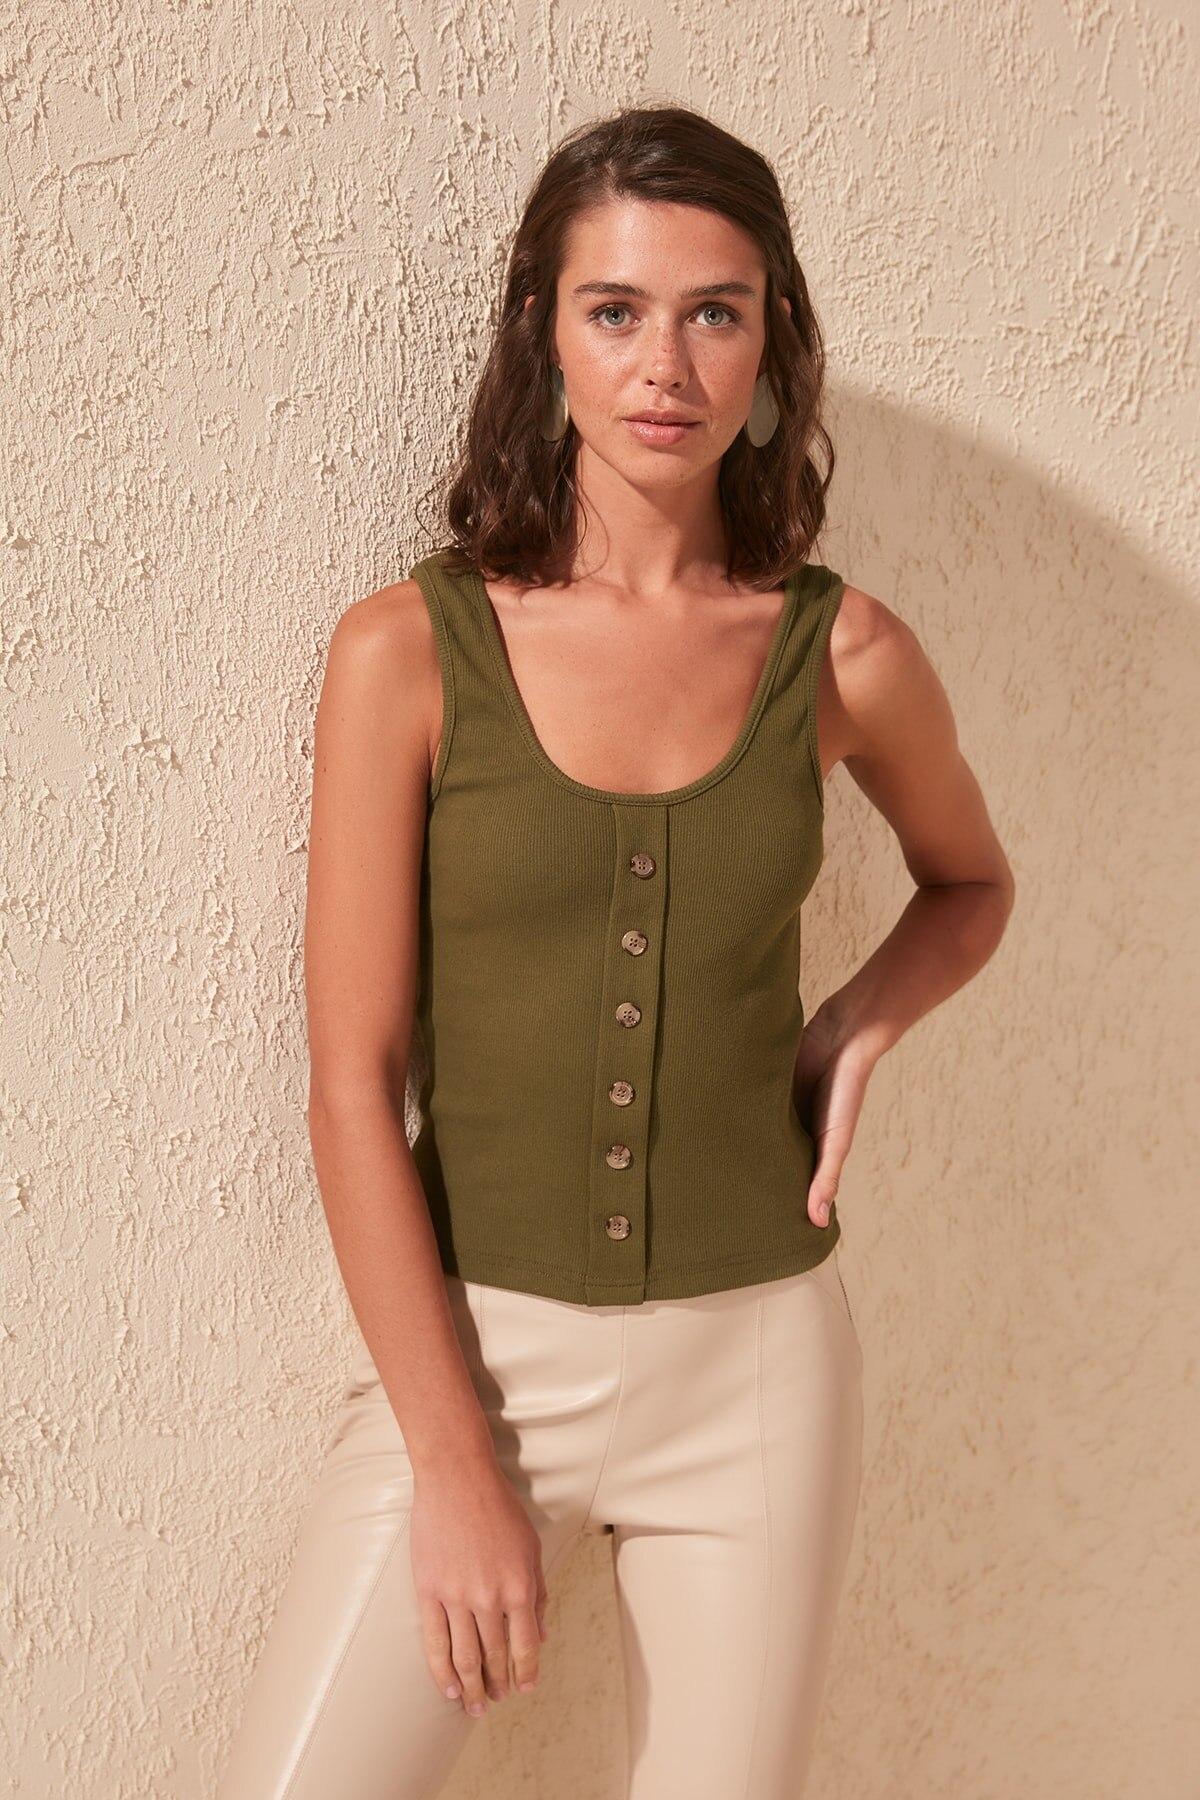 Женская трикотажная блузка Trendyol, на кнопках, 2020 Блузки и рубашки      АлиЭкспресс